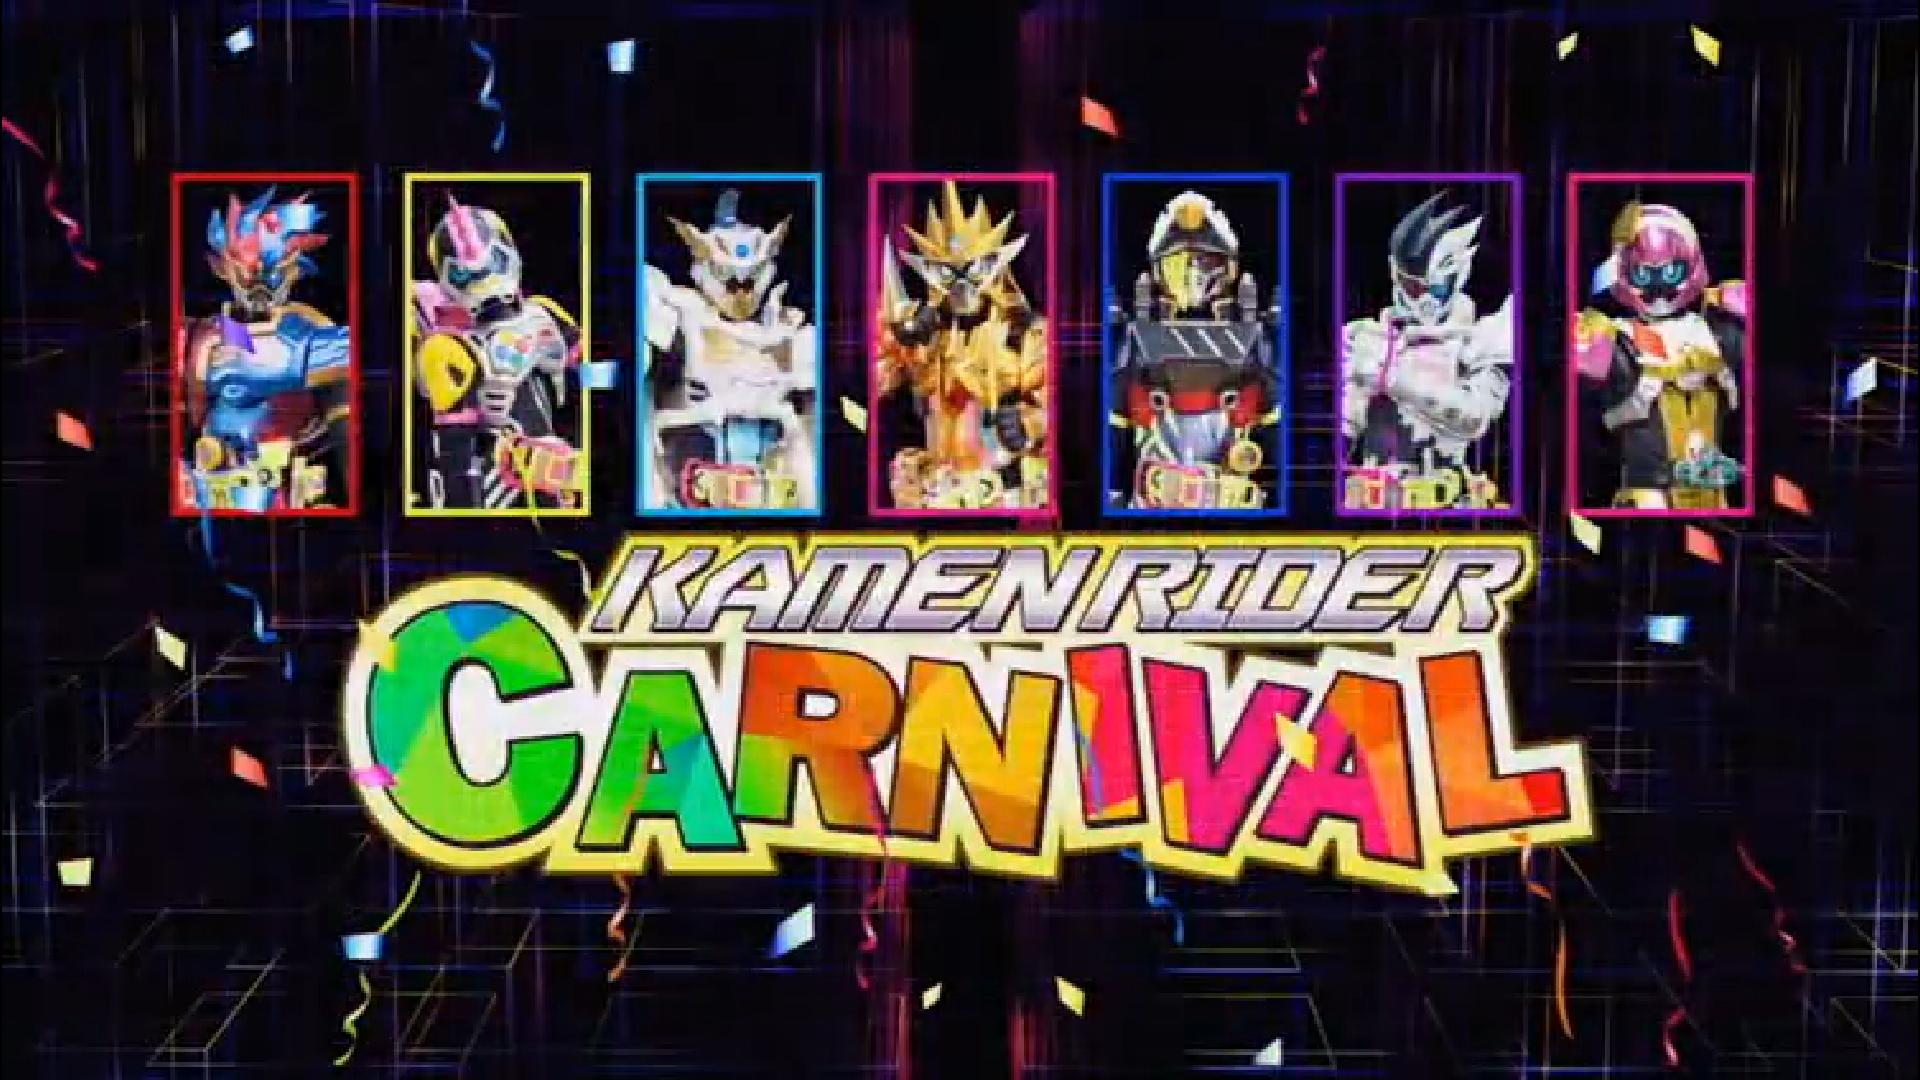 Kamen Rider Carnival